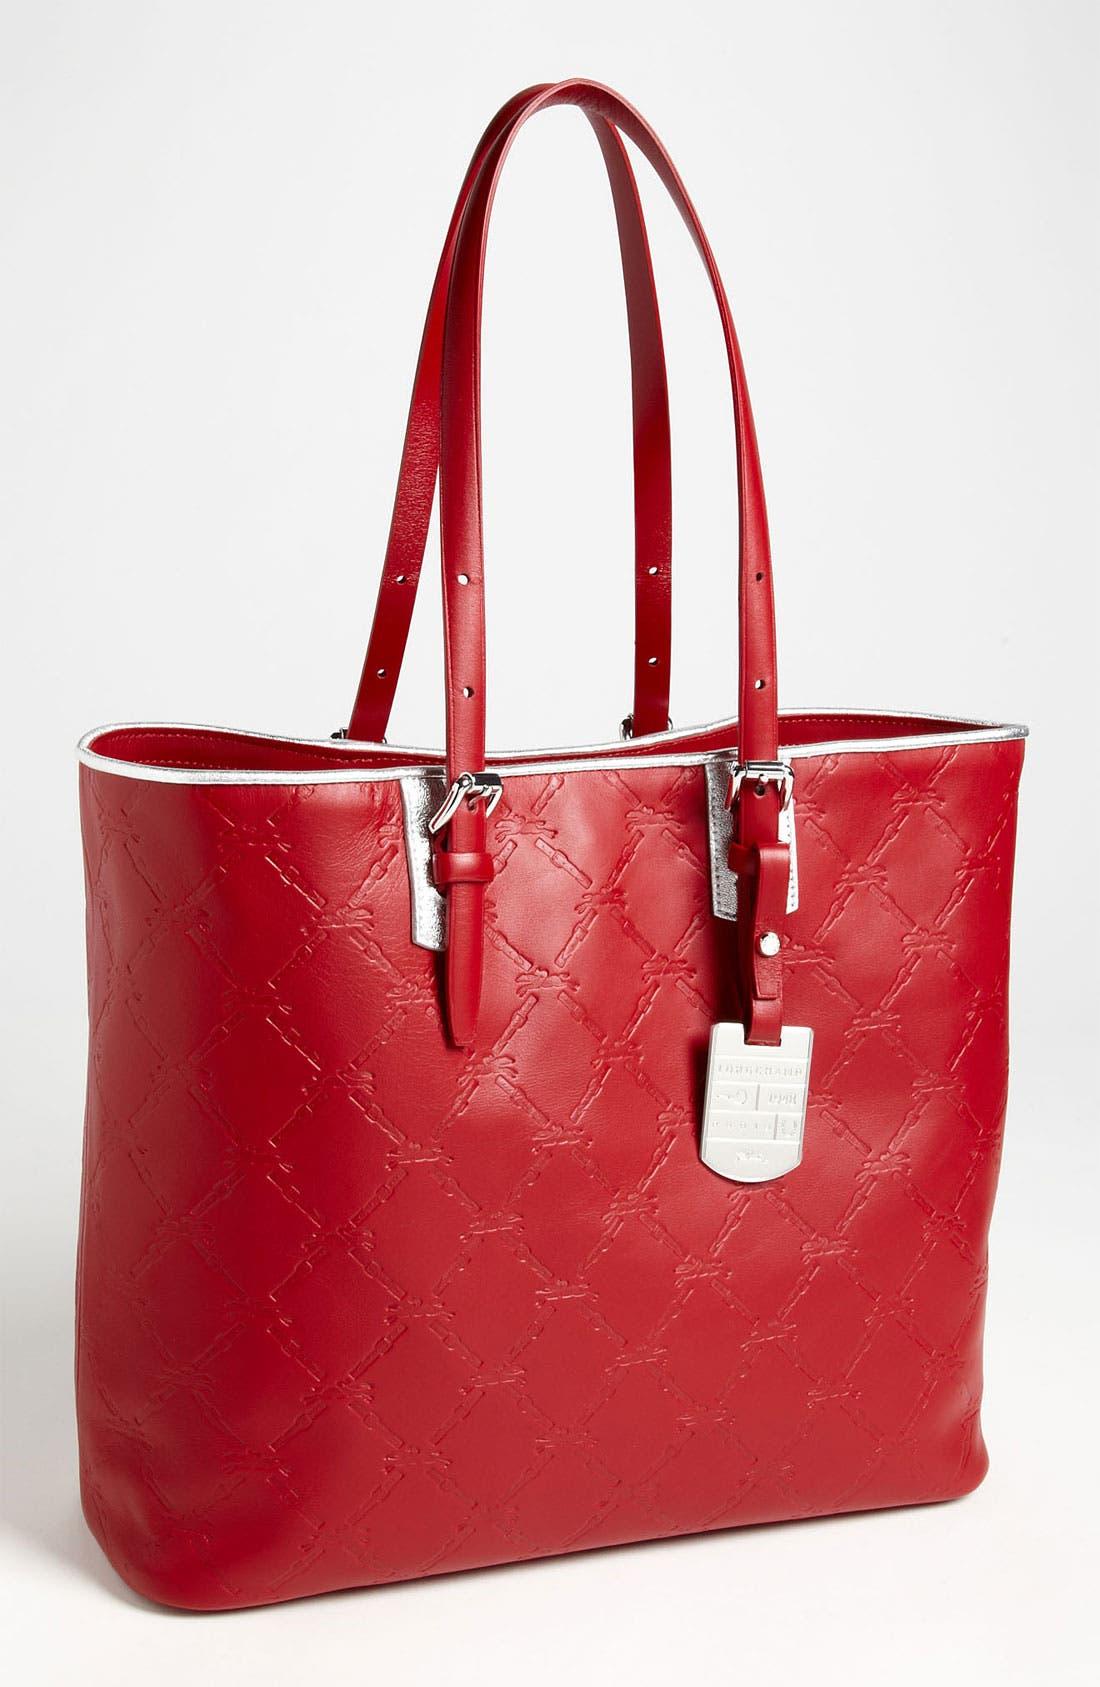 Main Image - Longchamp 'LM Cuir - Medium' Shoulder Tote